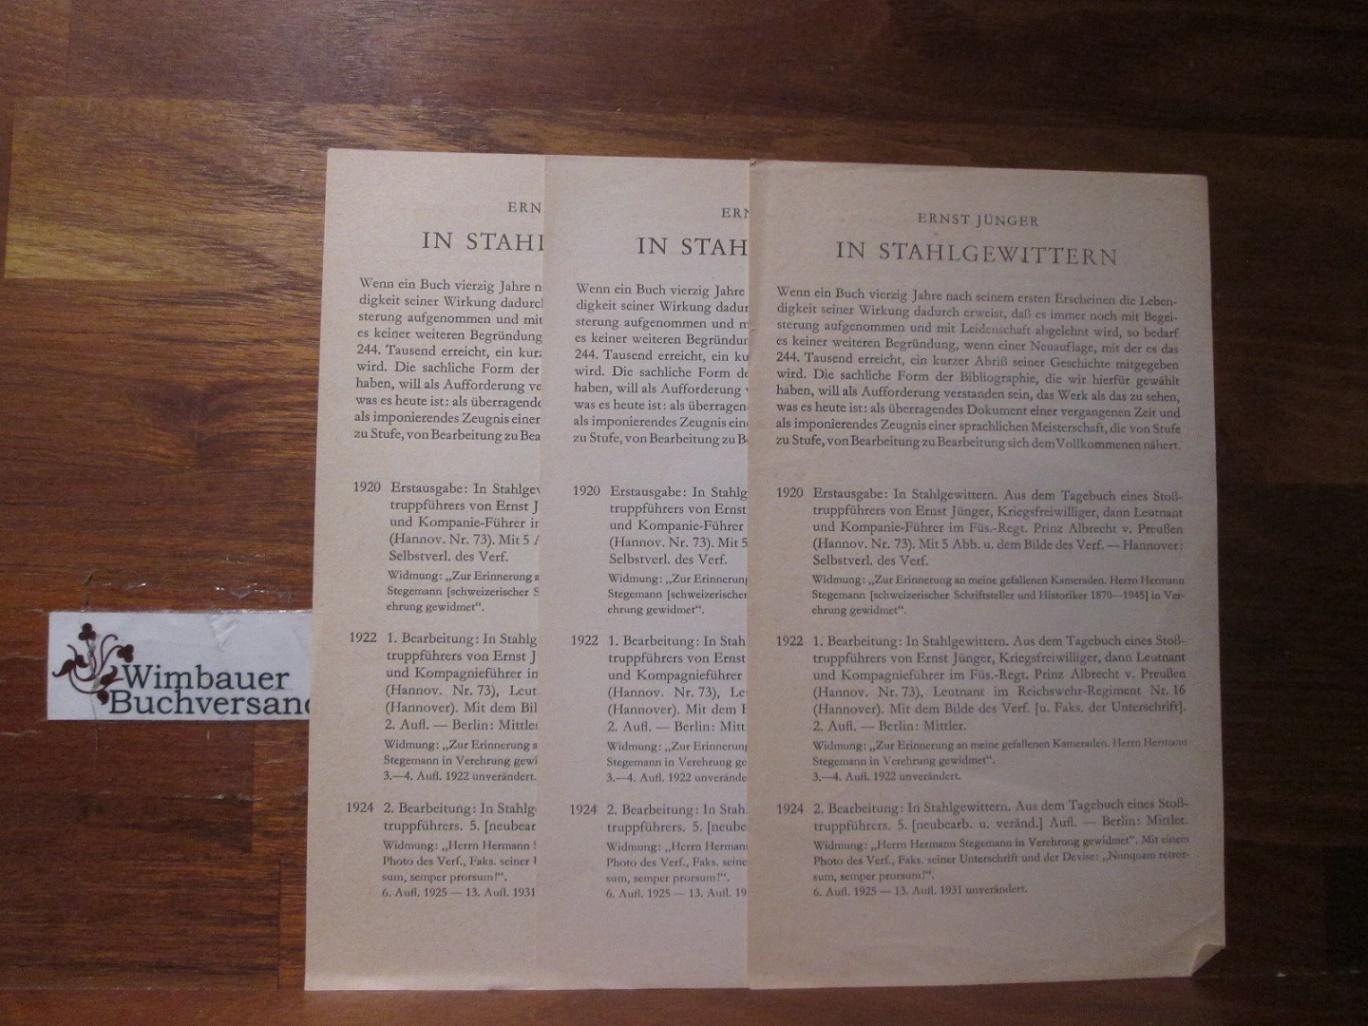 """Infoblatt """"Ernst Jünger In Stahlgewittern"""""""